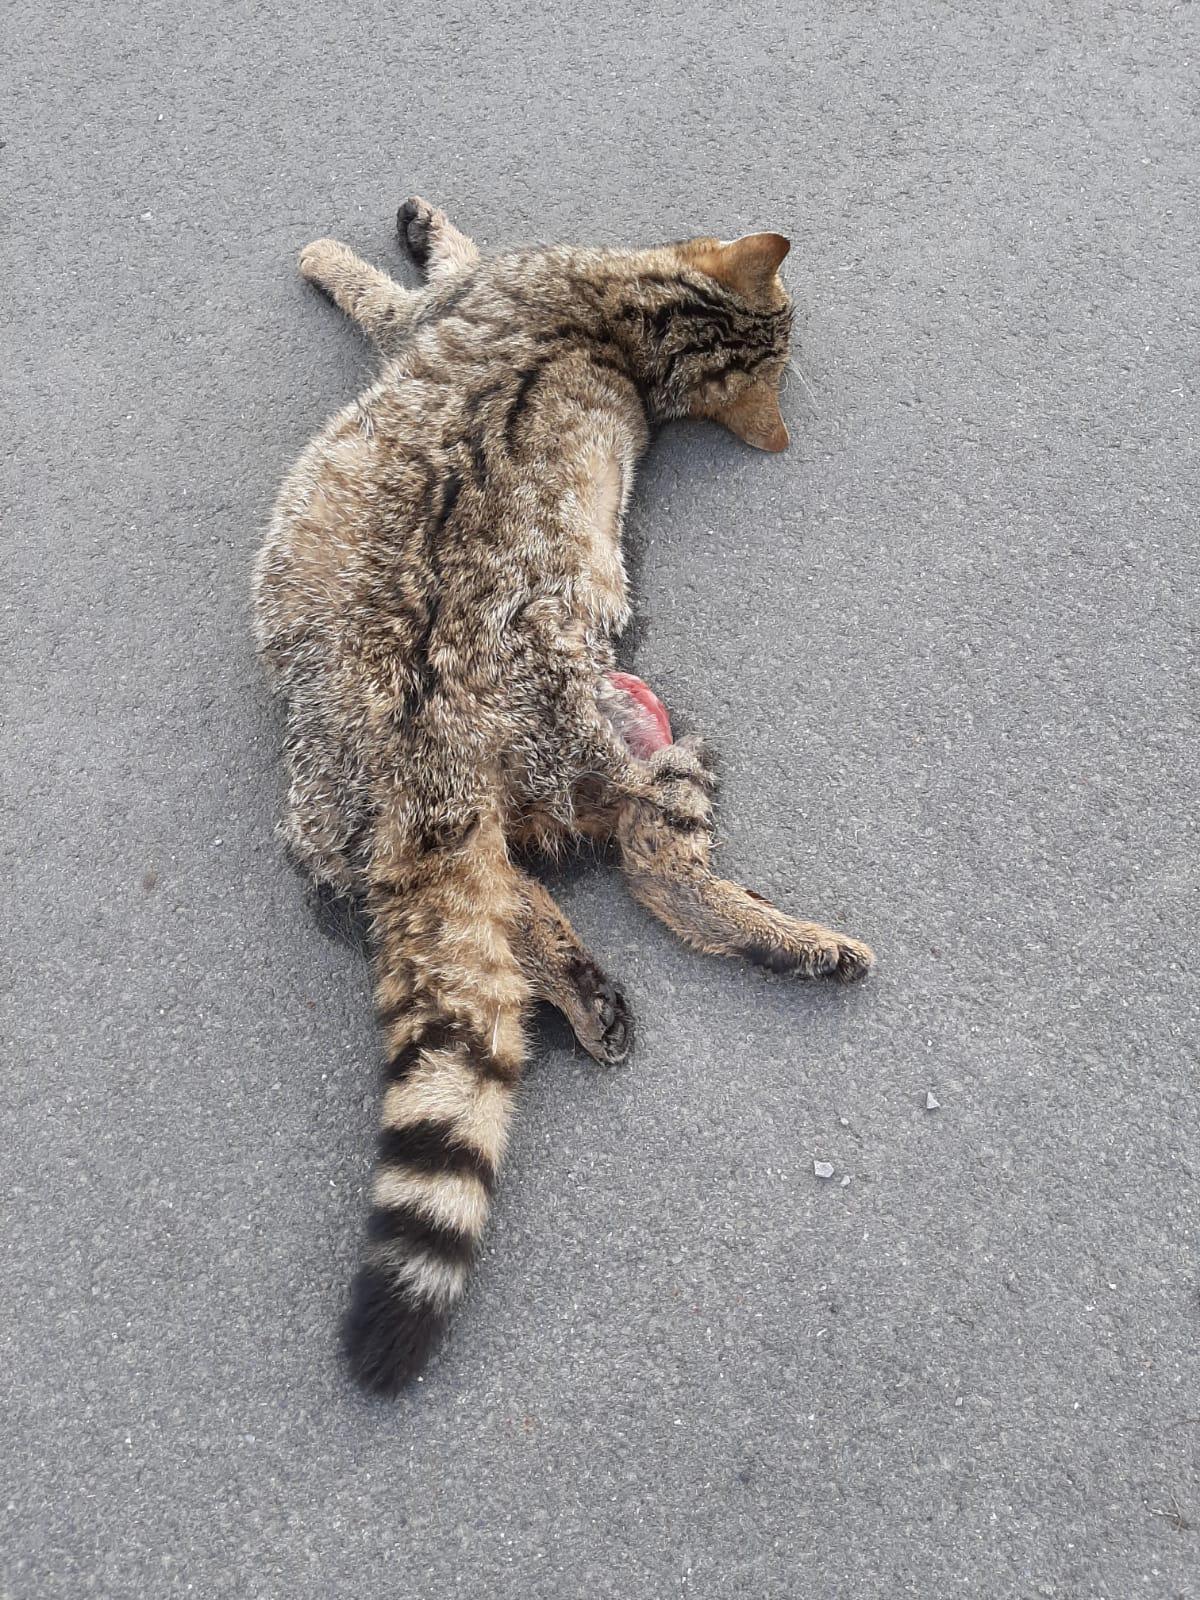 Schon wieder Wildkatze Opfer des Straßenverkehrs